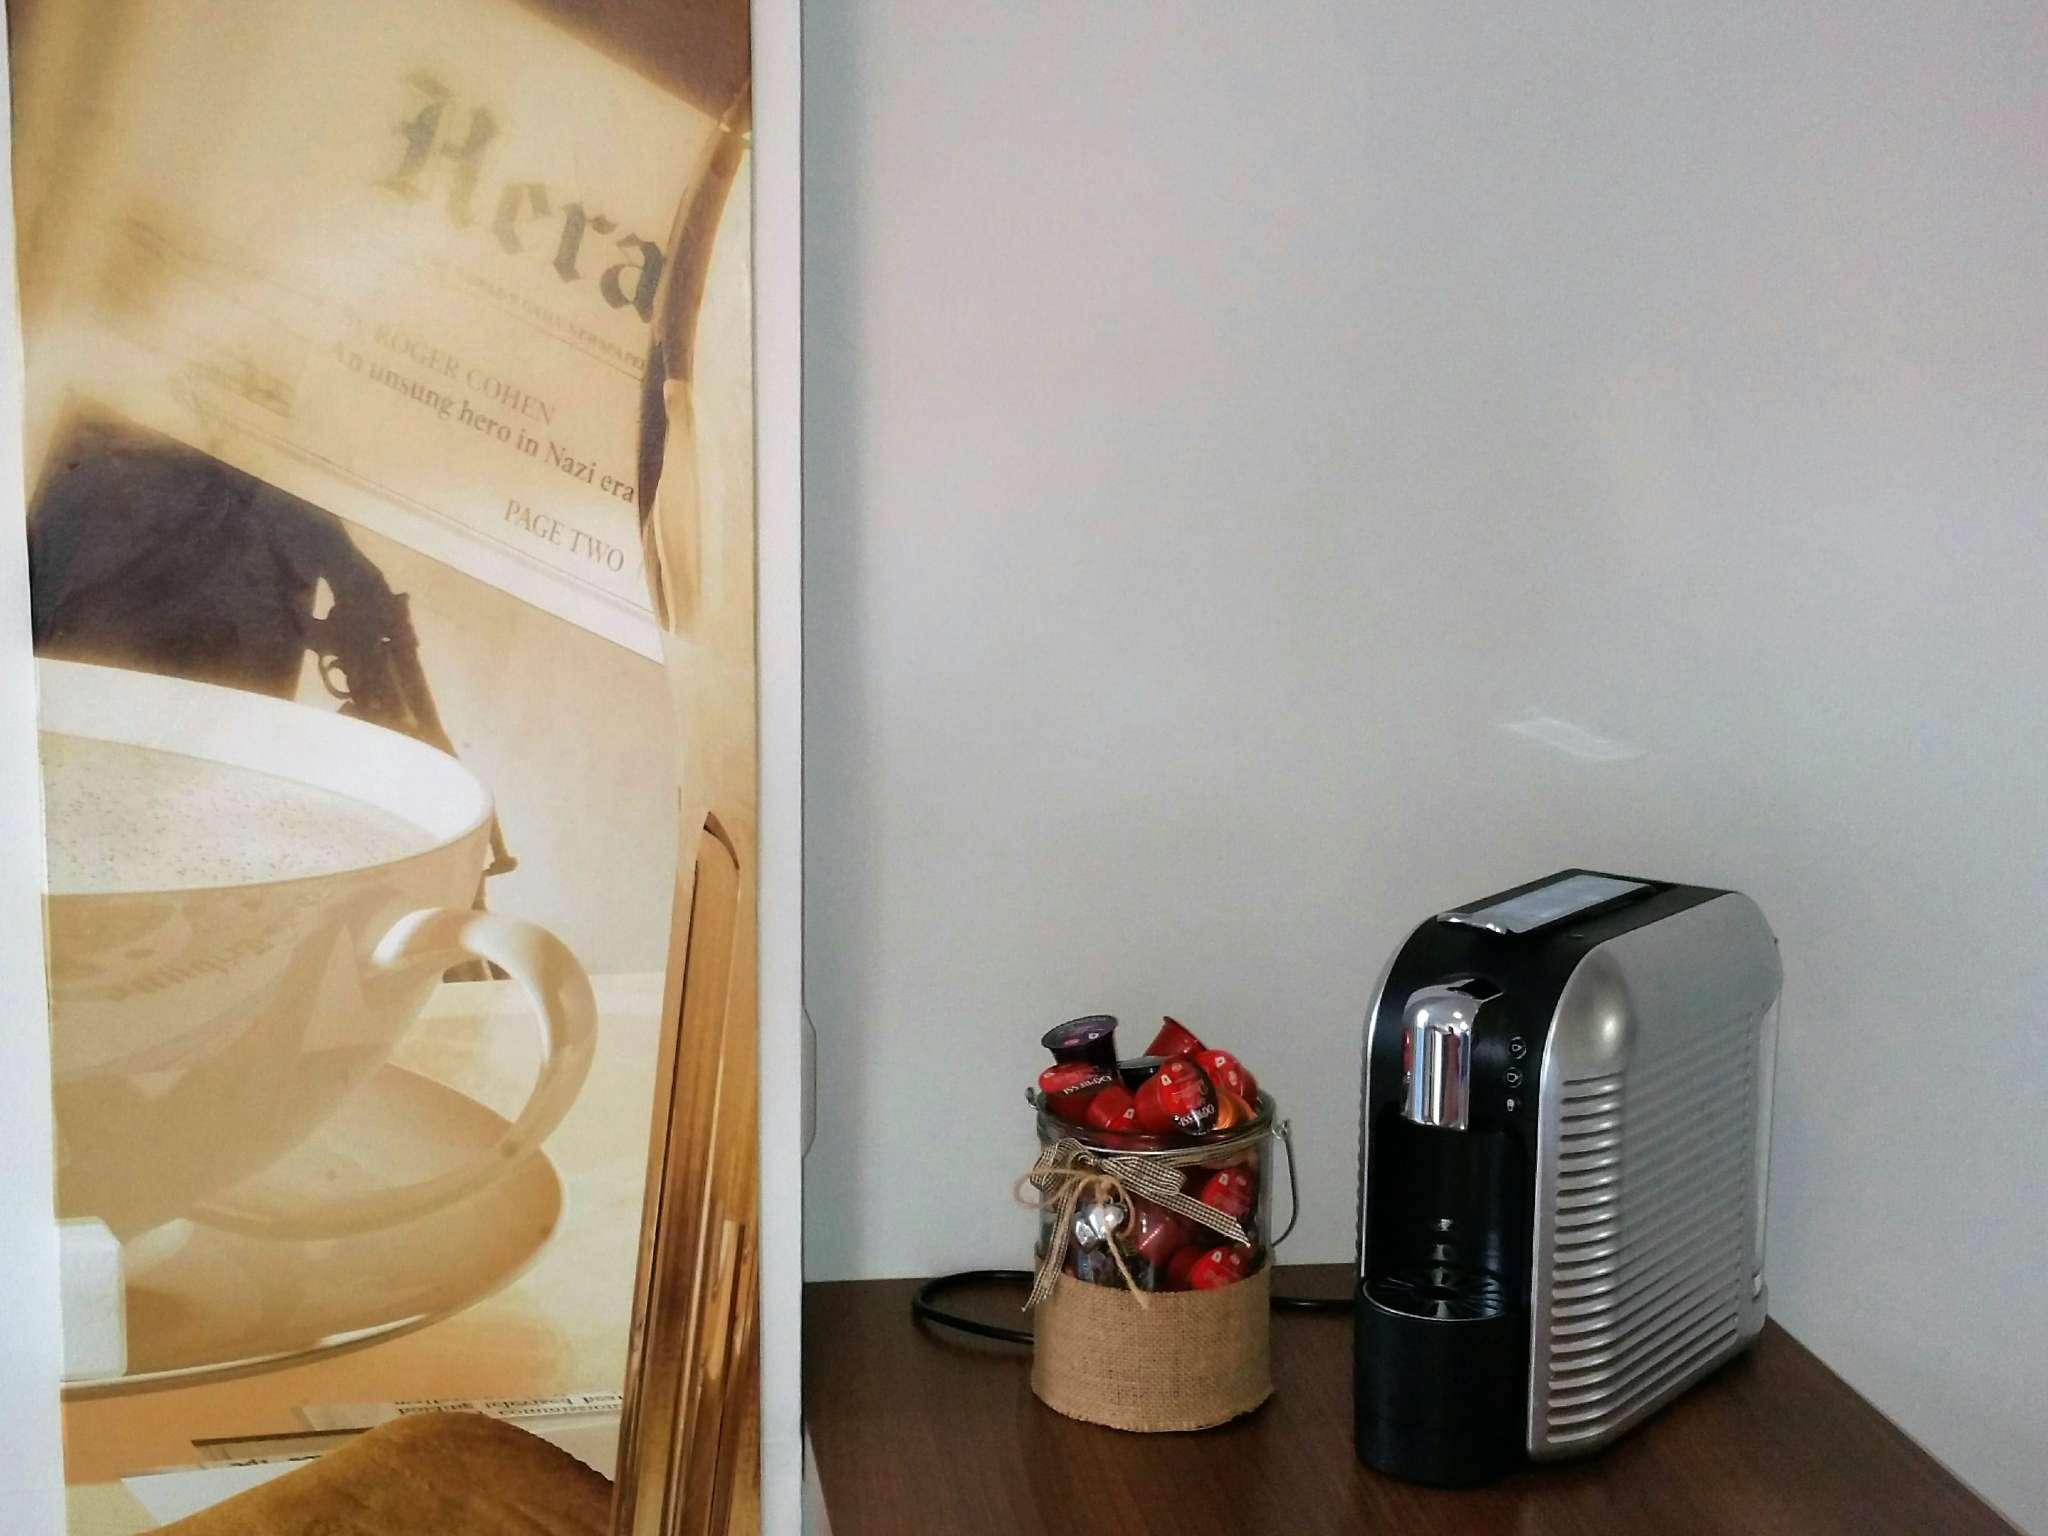 kaffee muss lecker sein ;-)